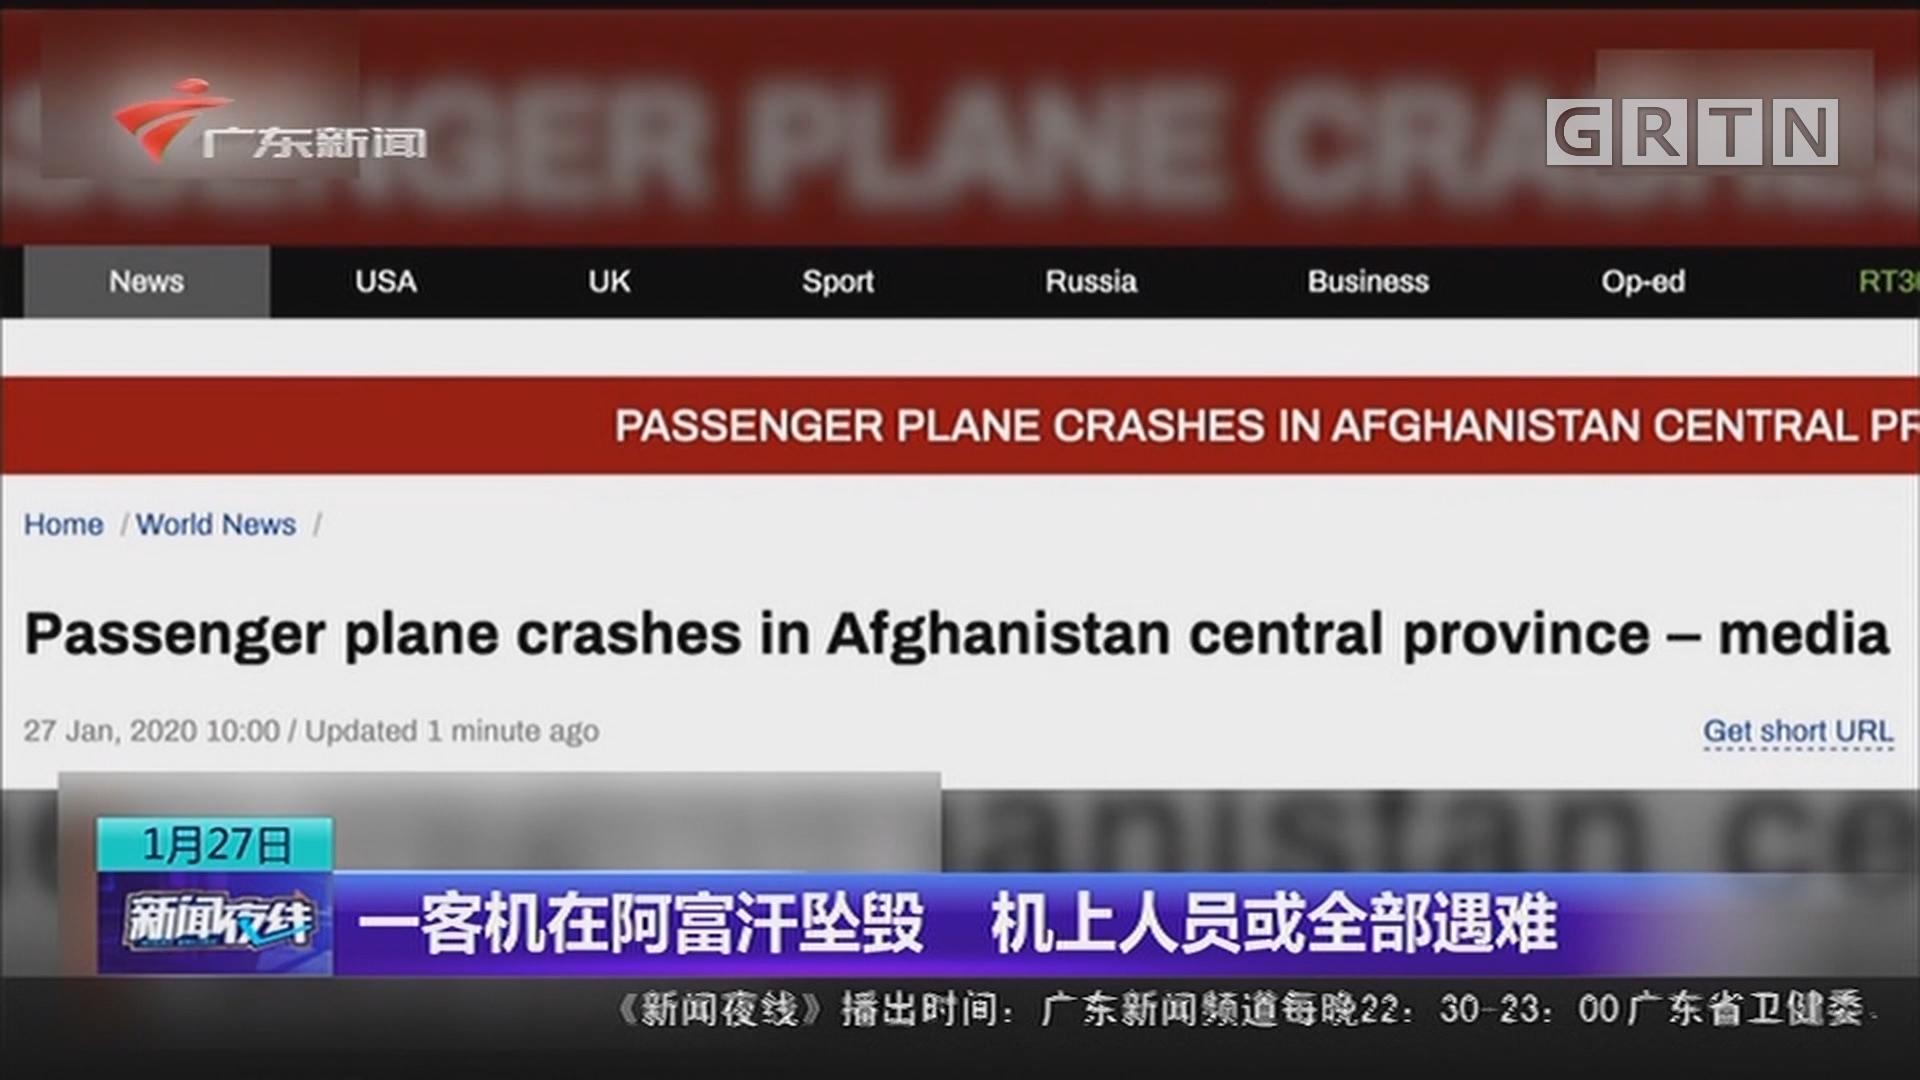 一客机在阿富汗坠毁 机上人员或全部遇难